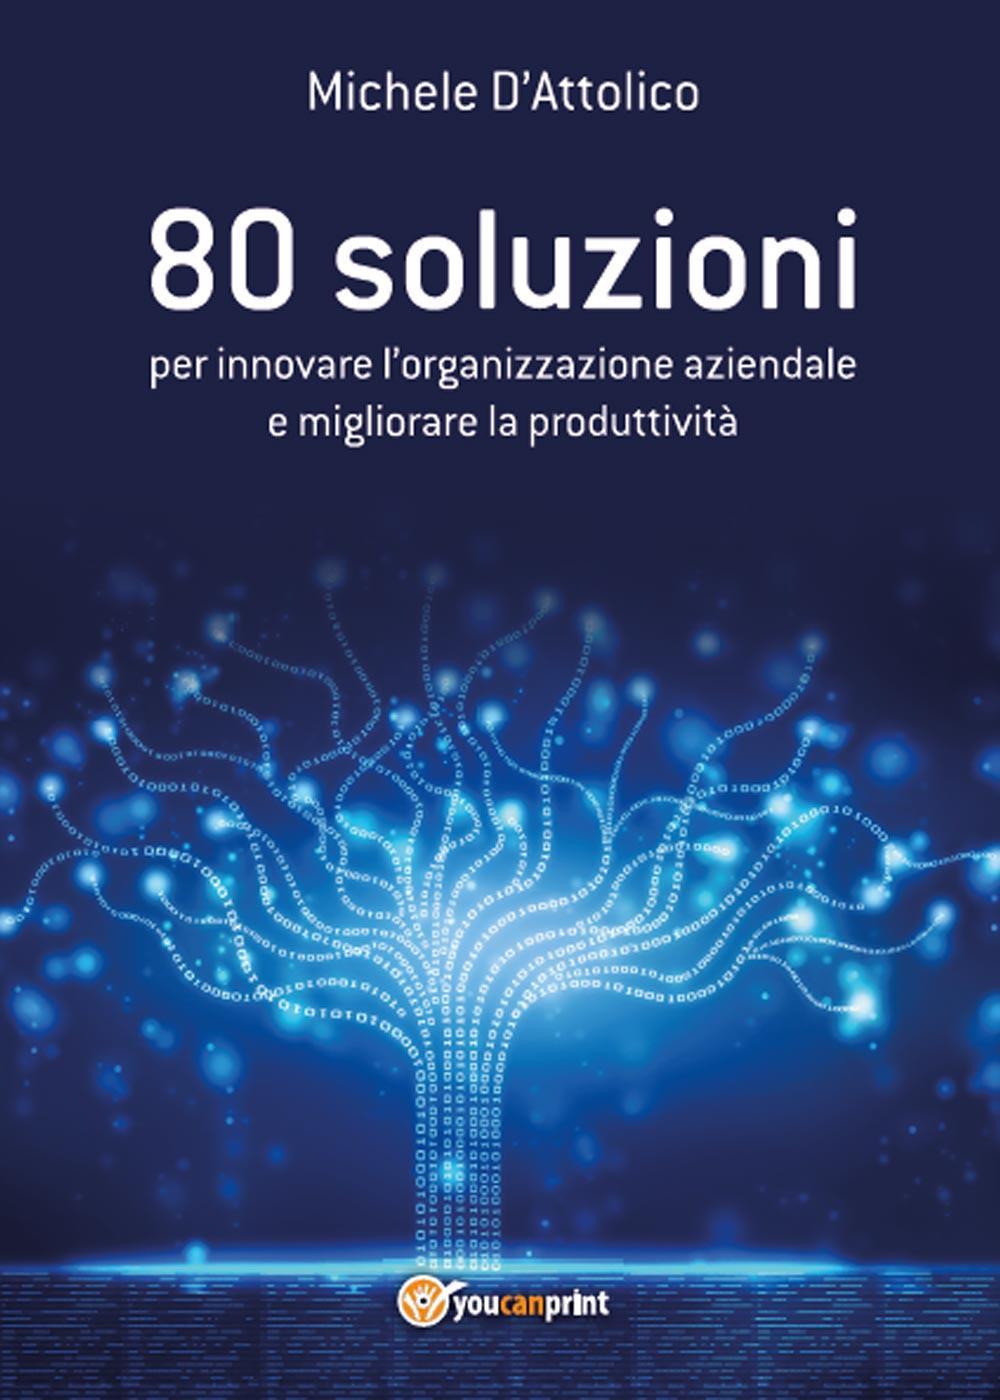 80 soluzioni per innovare l'organizzazione aziendale e migliorare la produttività